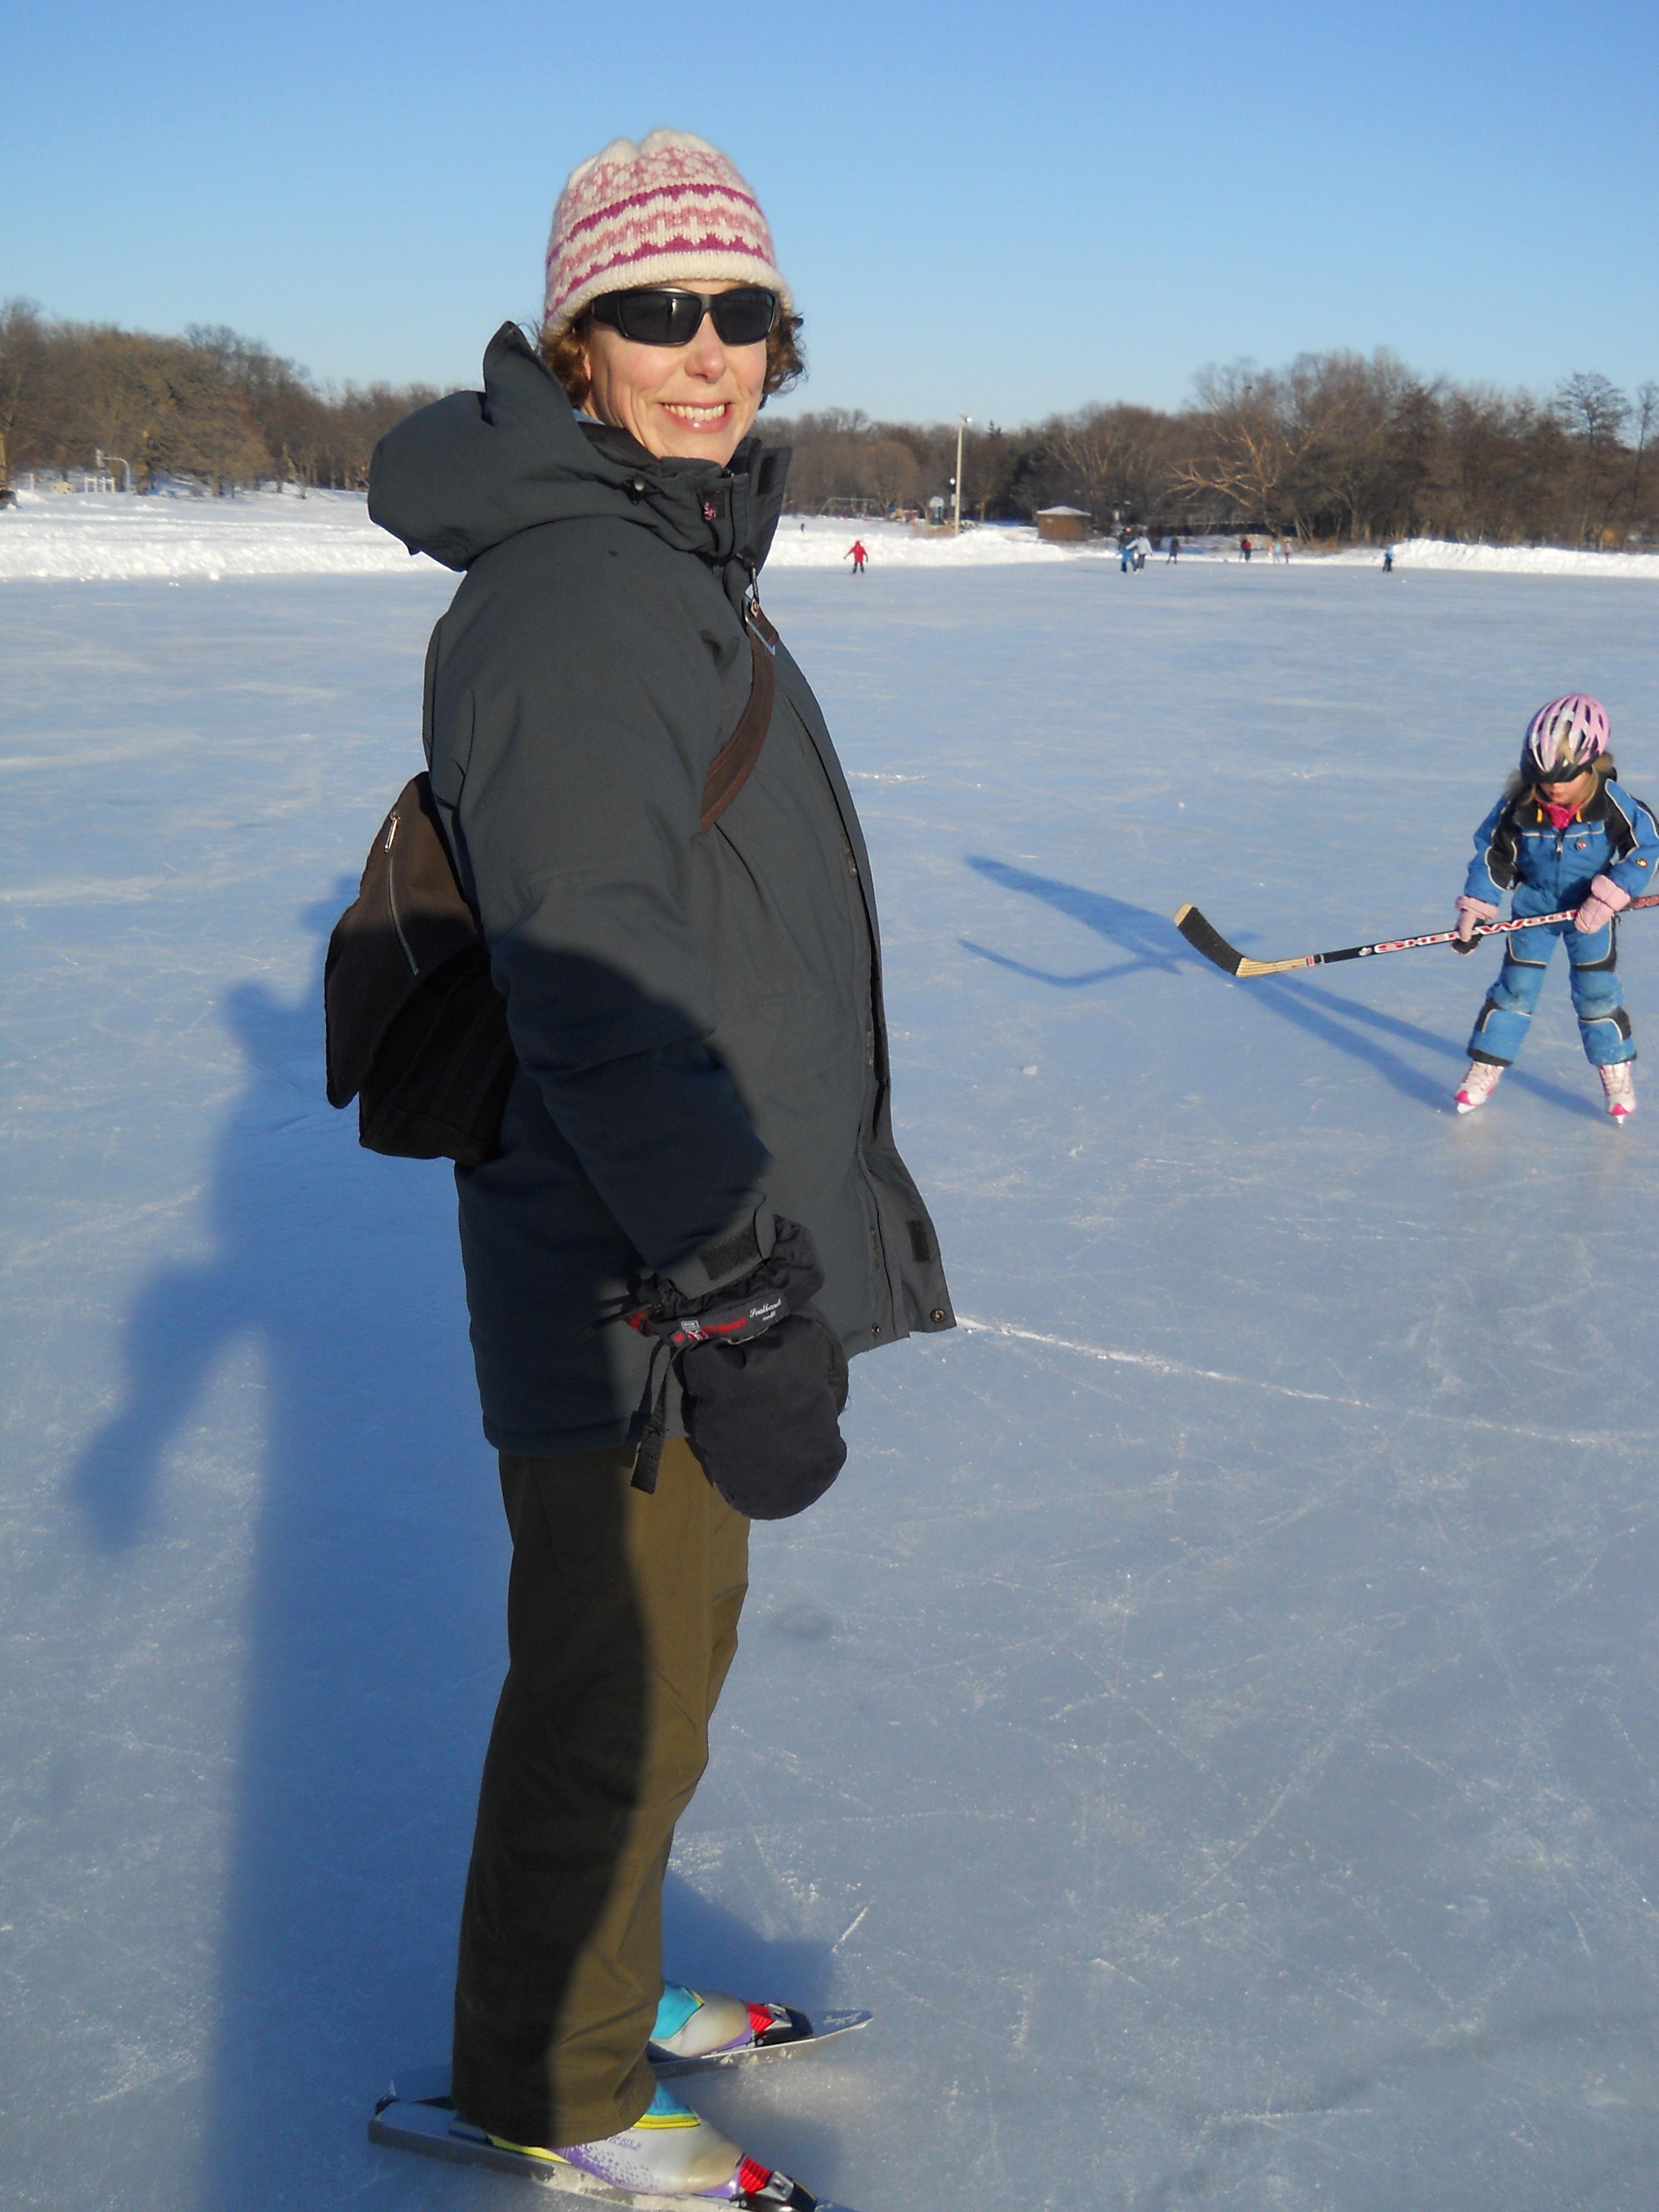 Tinna på långfärdsgrillor och Elsa med hockeyklubba